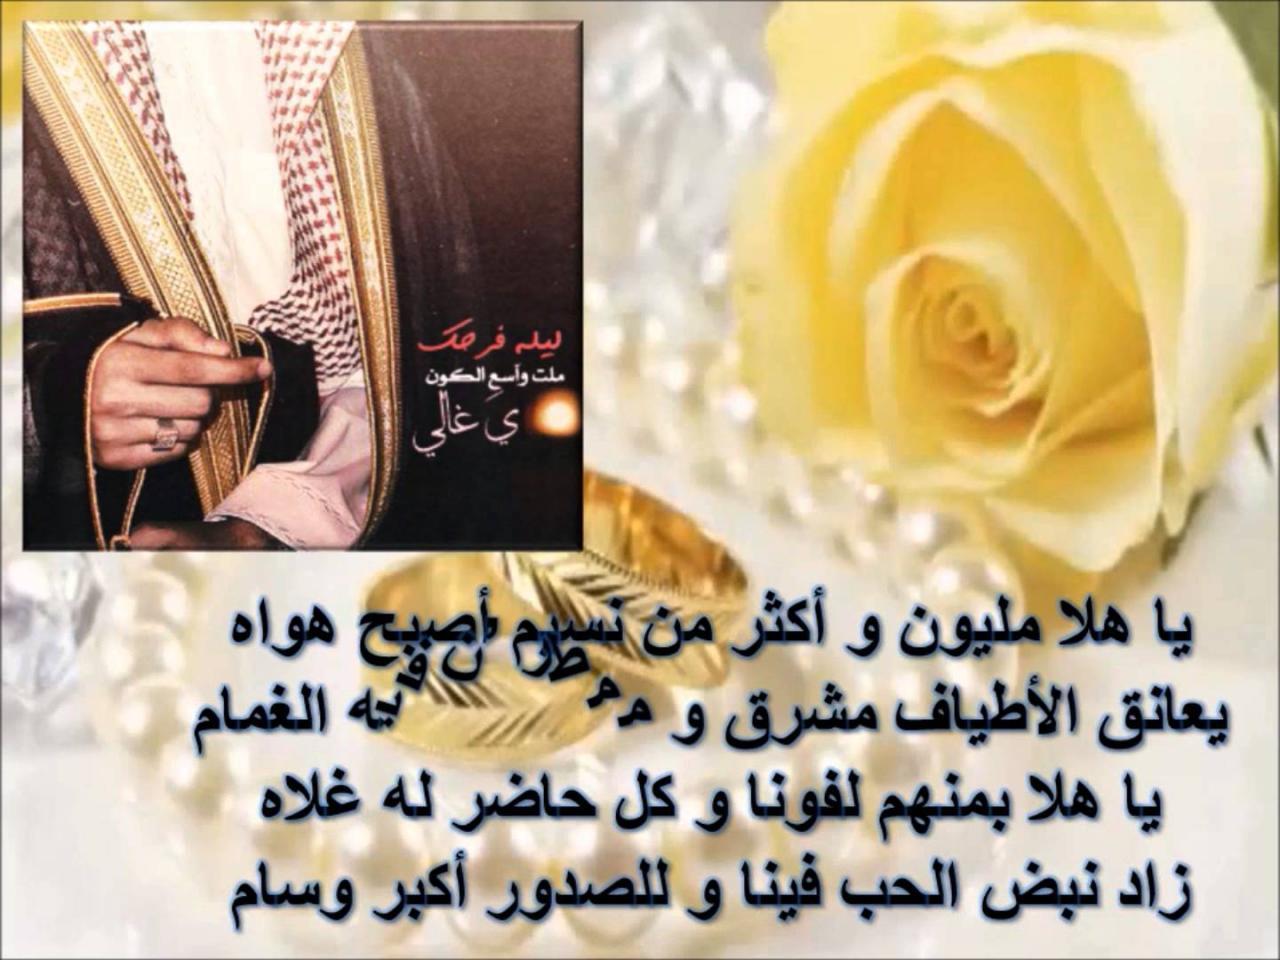 صورة كلمات مباركة للعريس 10856 1